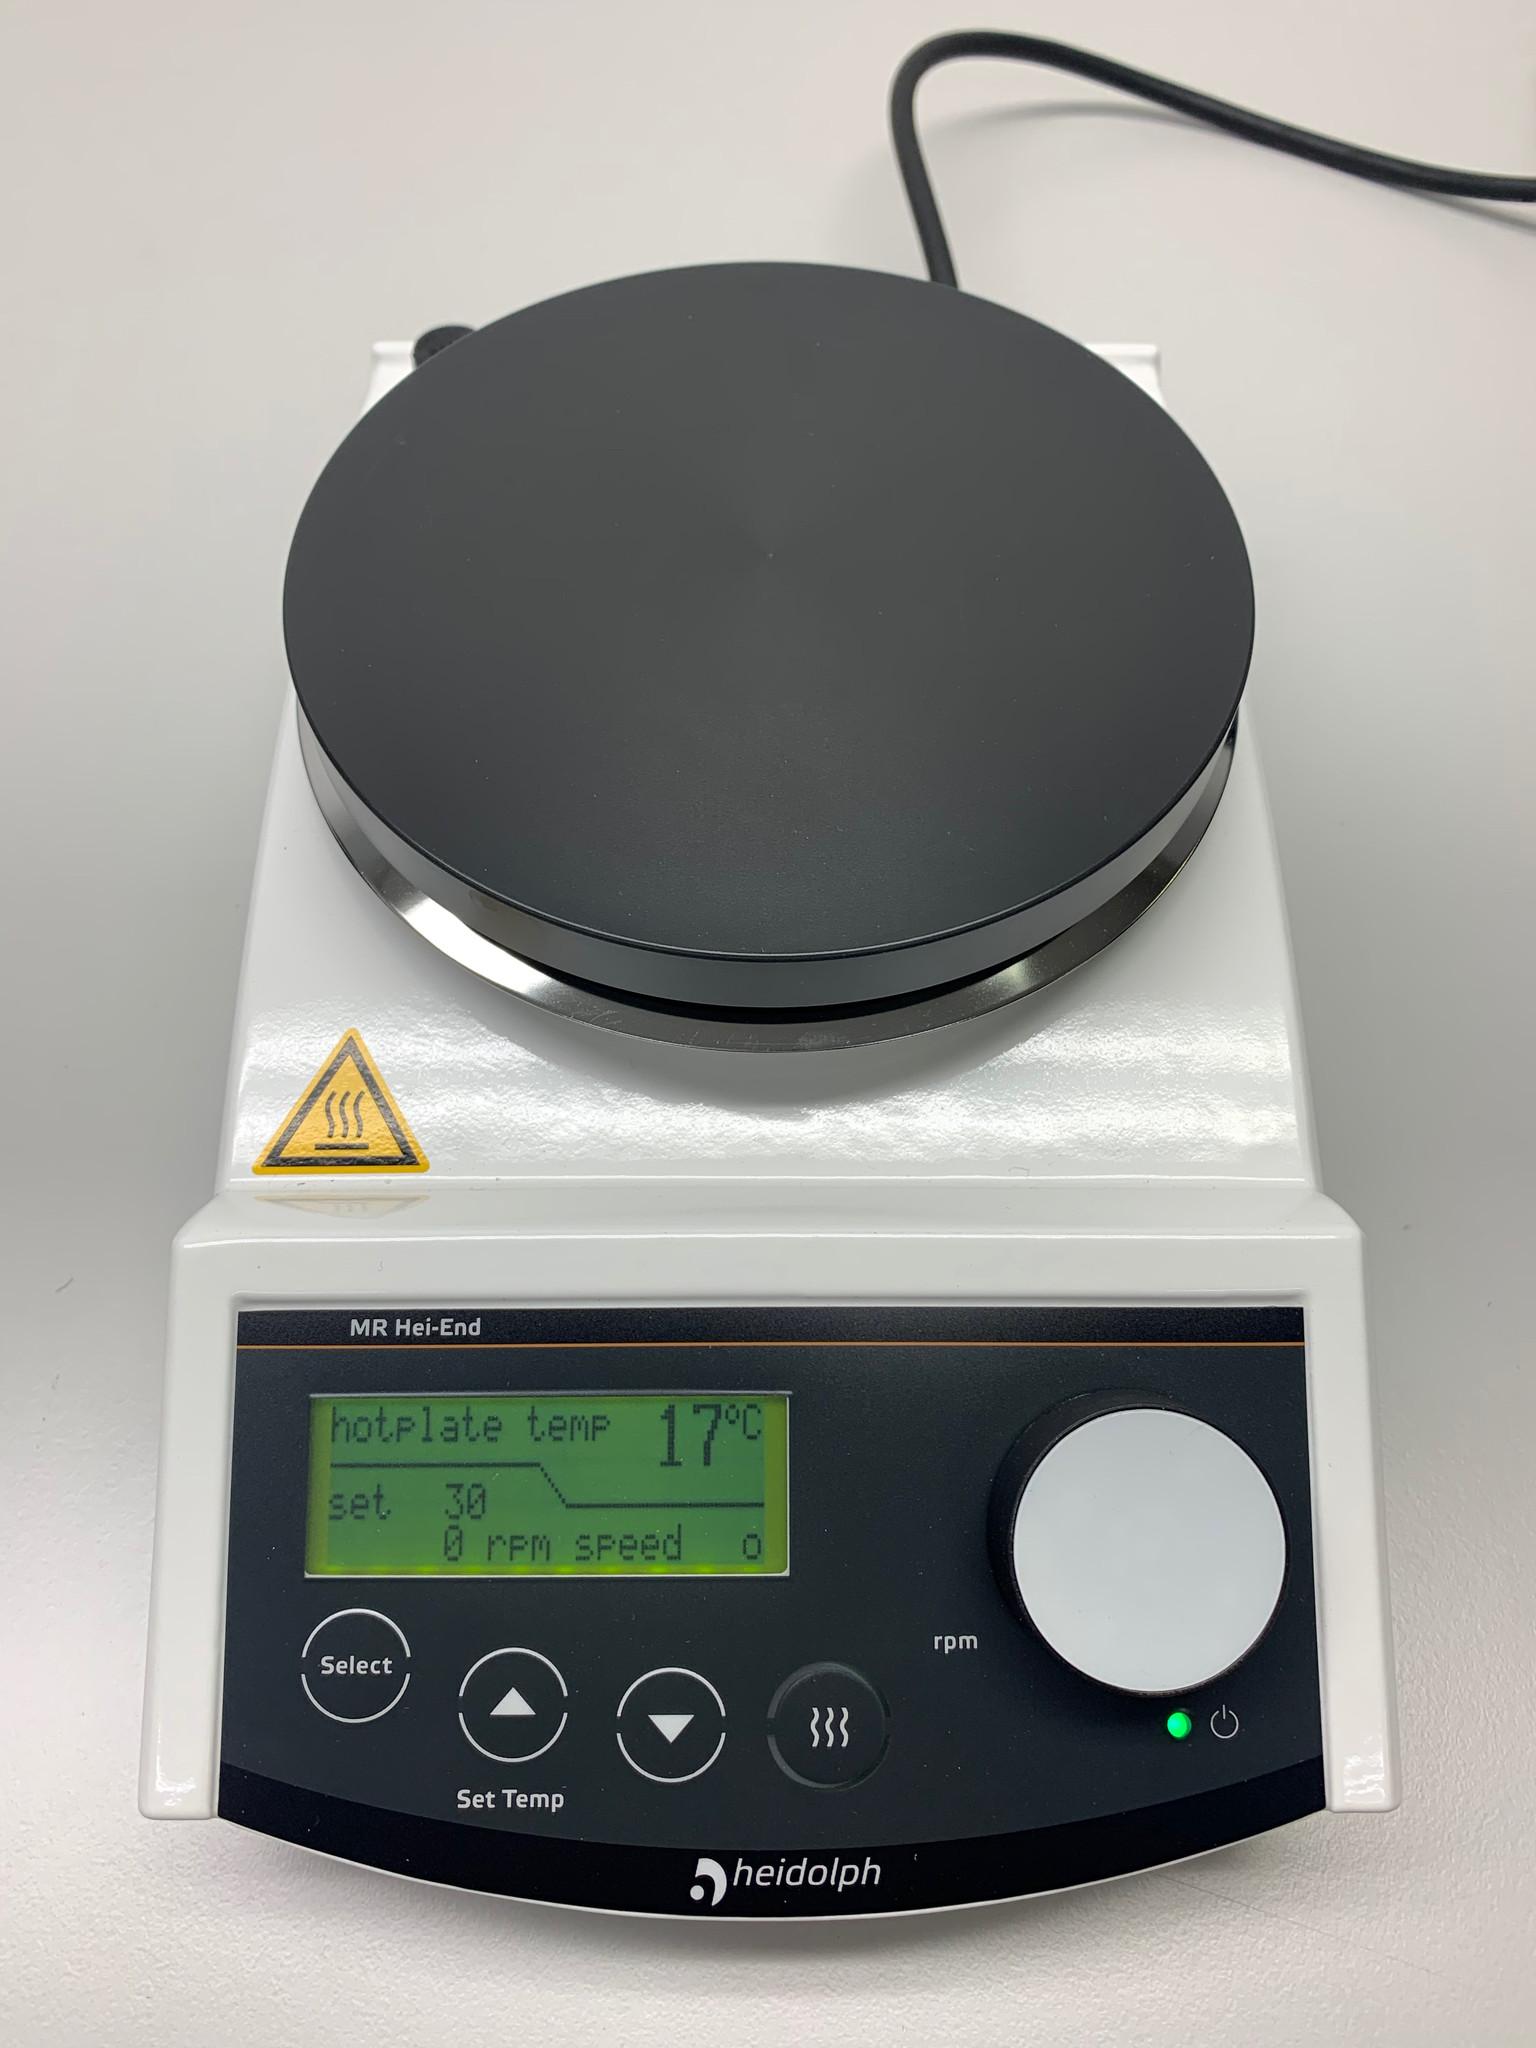 Heidolph Heidolph MR Hei-End magnetic hot plate stirrer